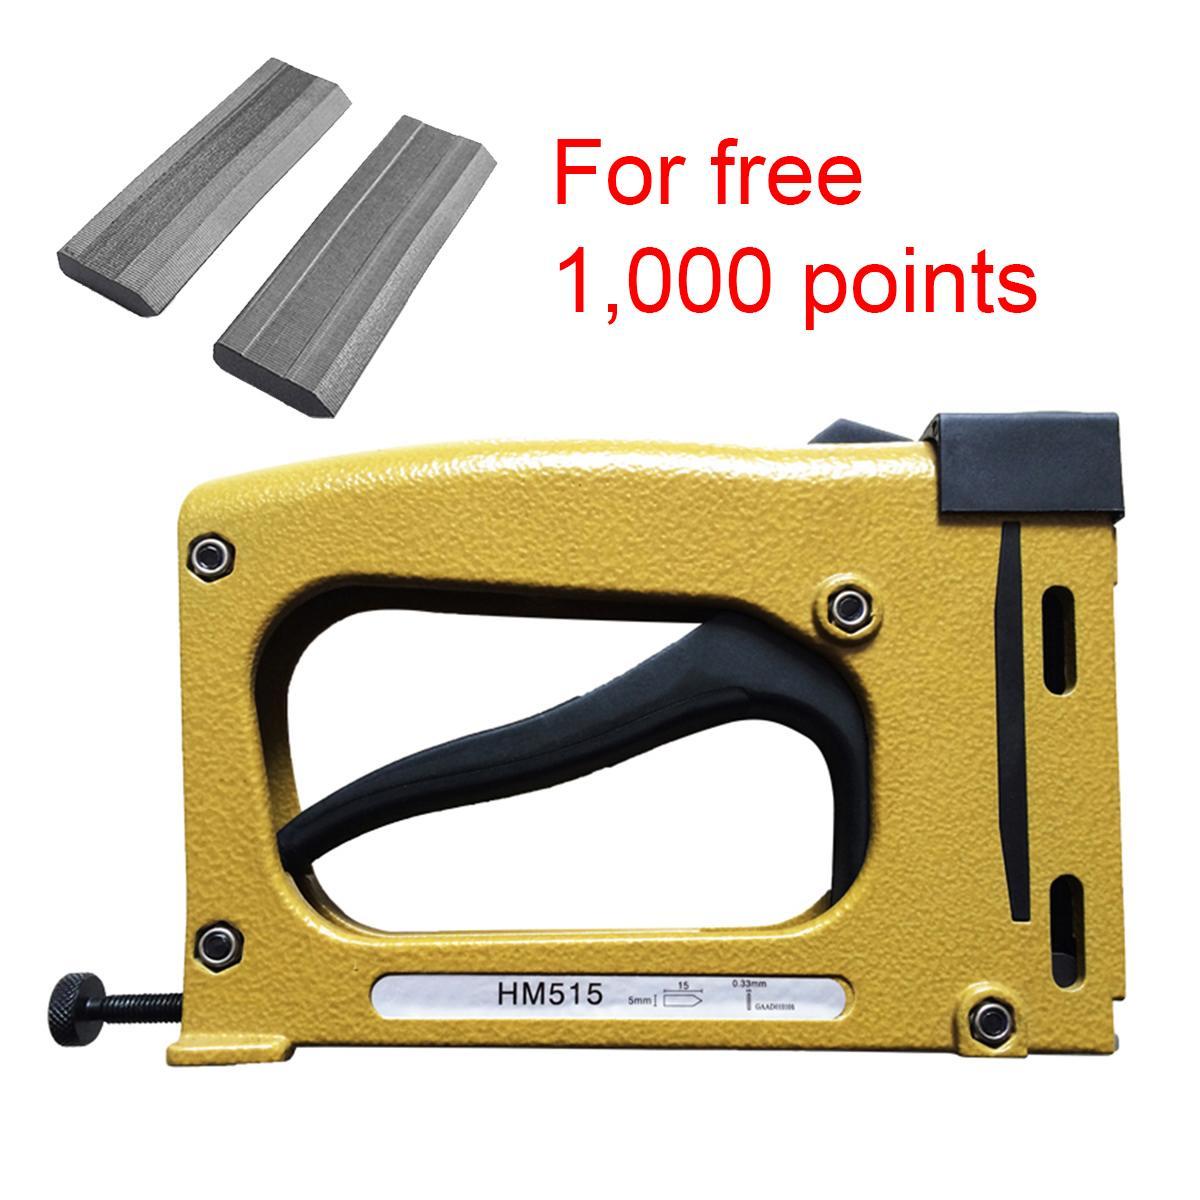 Руководство металла точка драйвер степлер багетная инструмент + 1000 шт. очков момент драйвер степлер багетная набор инструментов прочный